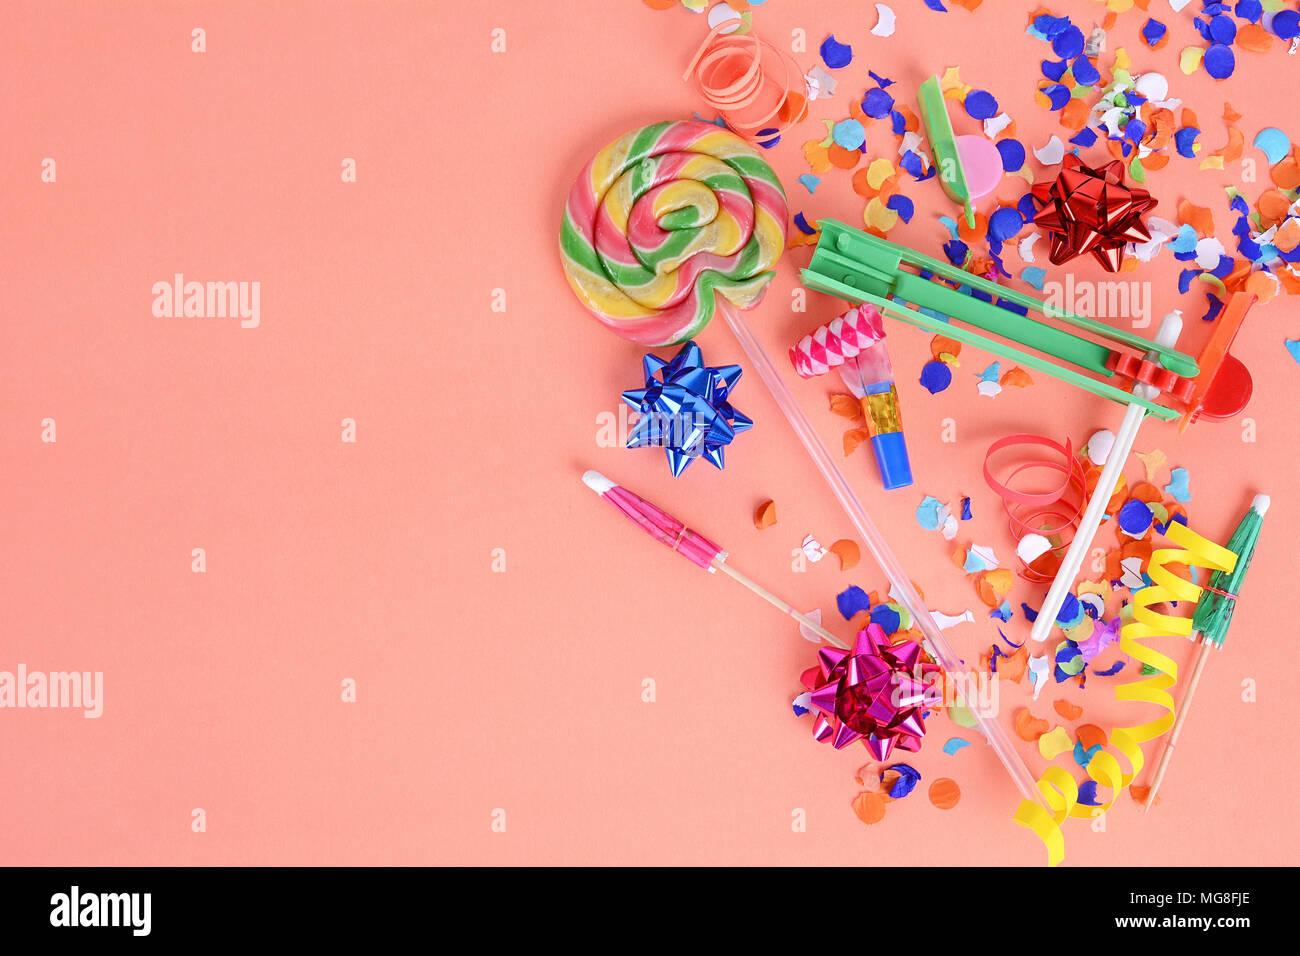 Bunte party Rahmen mit Geburtstag objets auf orangem Hintergrund ...